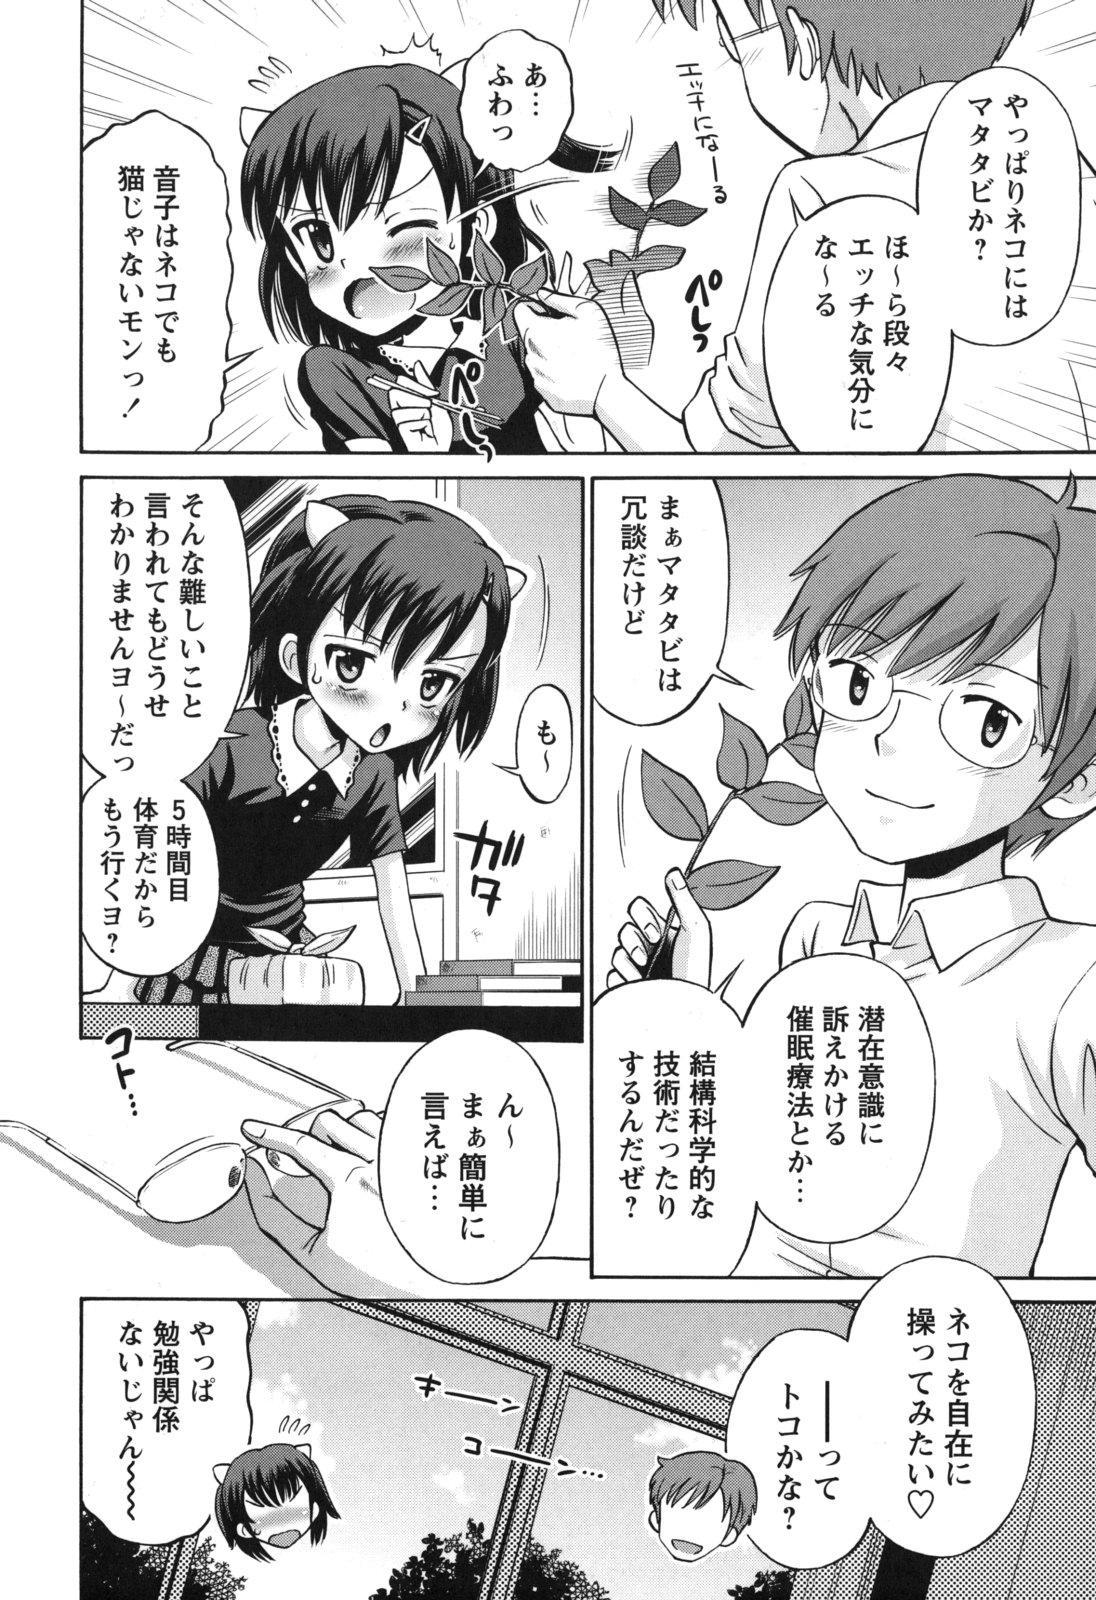 SOS! Sukebe na Osananajimi ga Shinobikondekimashita. 100